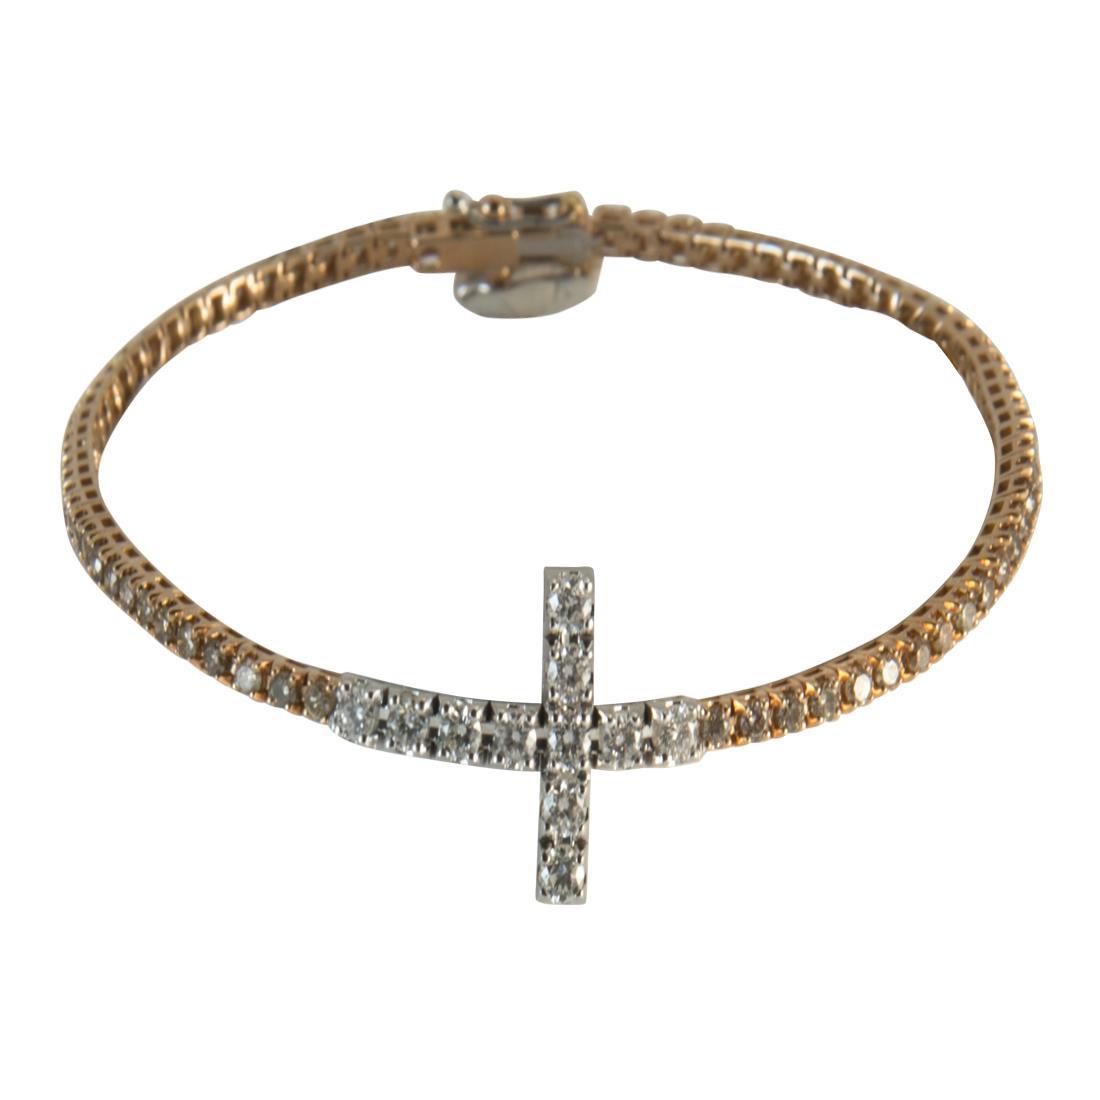 Bracciale  in oro 18kt misura 18.50cm con diamanti ct 0.65 e diamanti brown ct 1.85 - ALFIERI ST JOHN